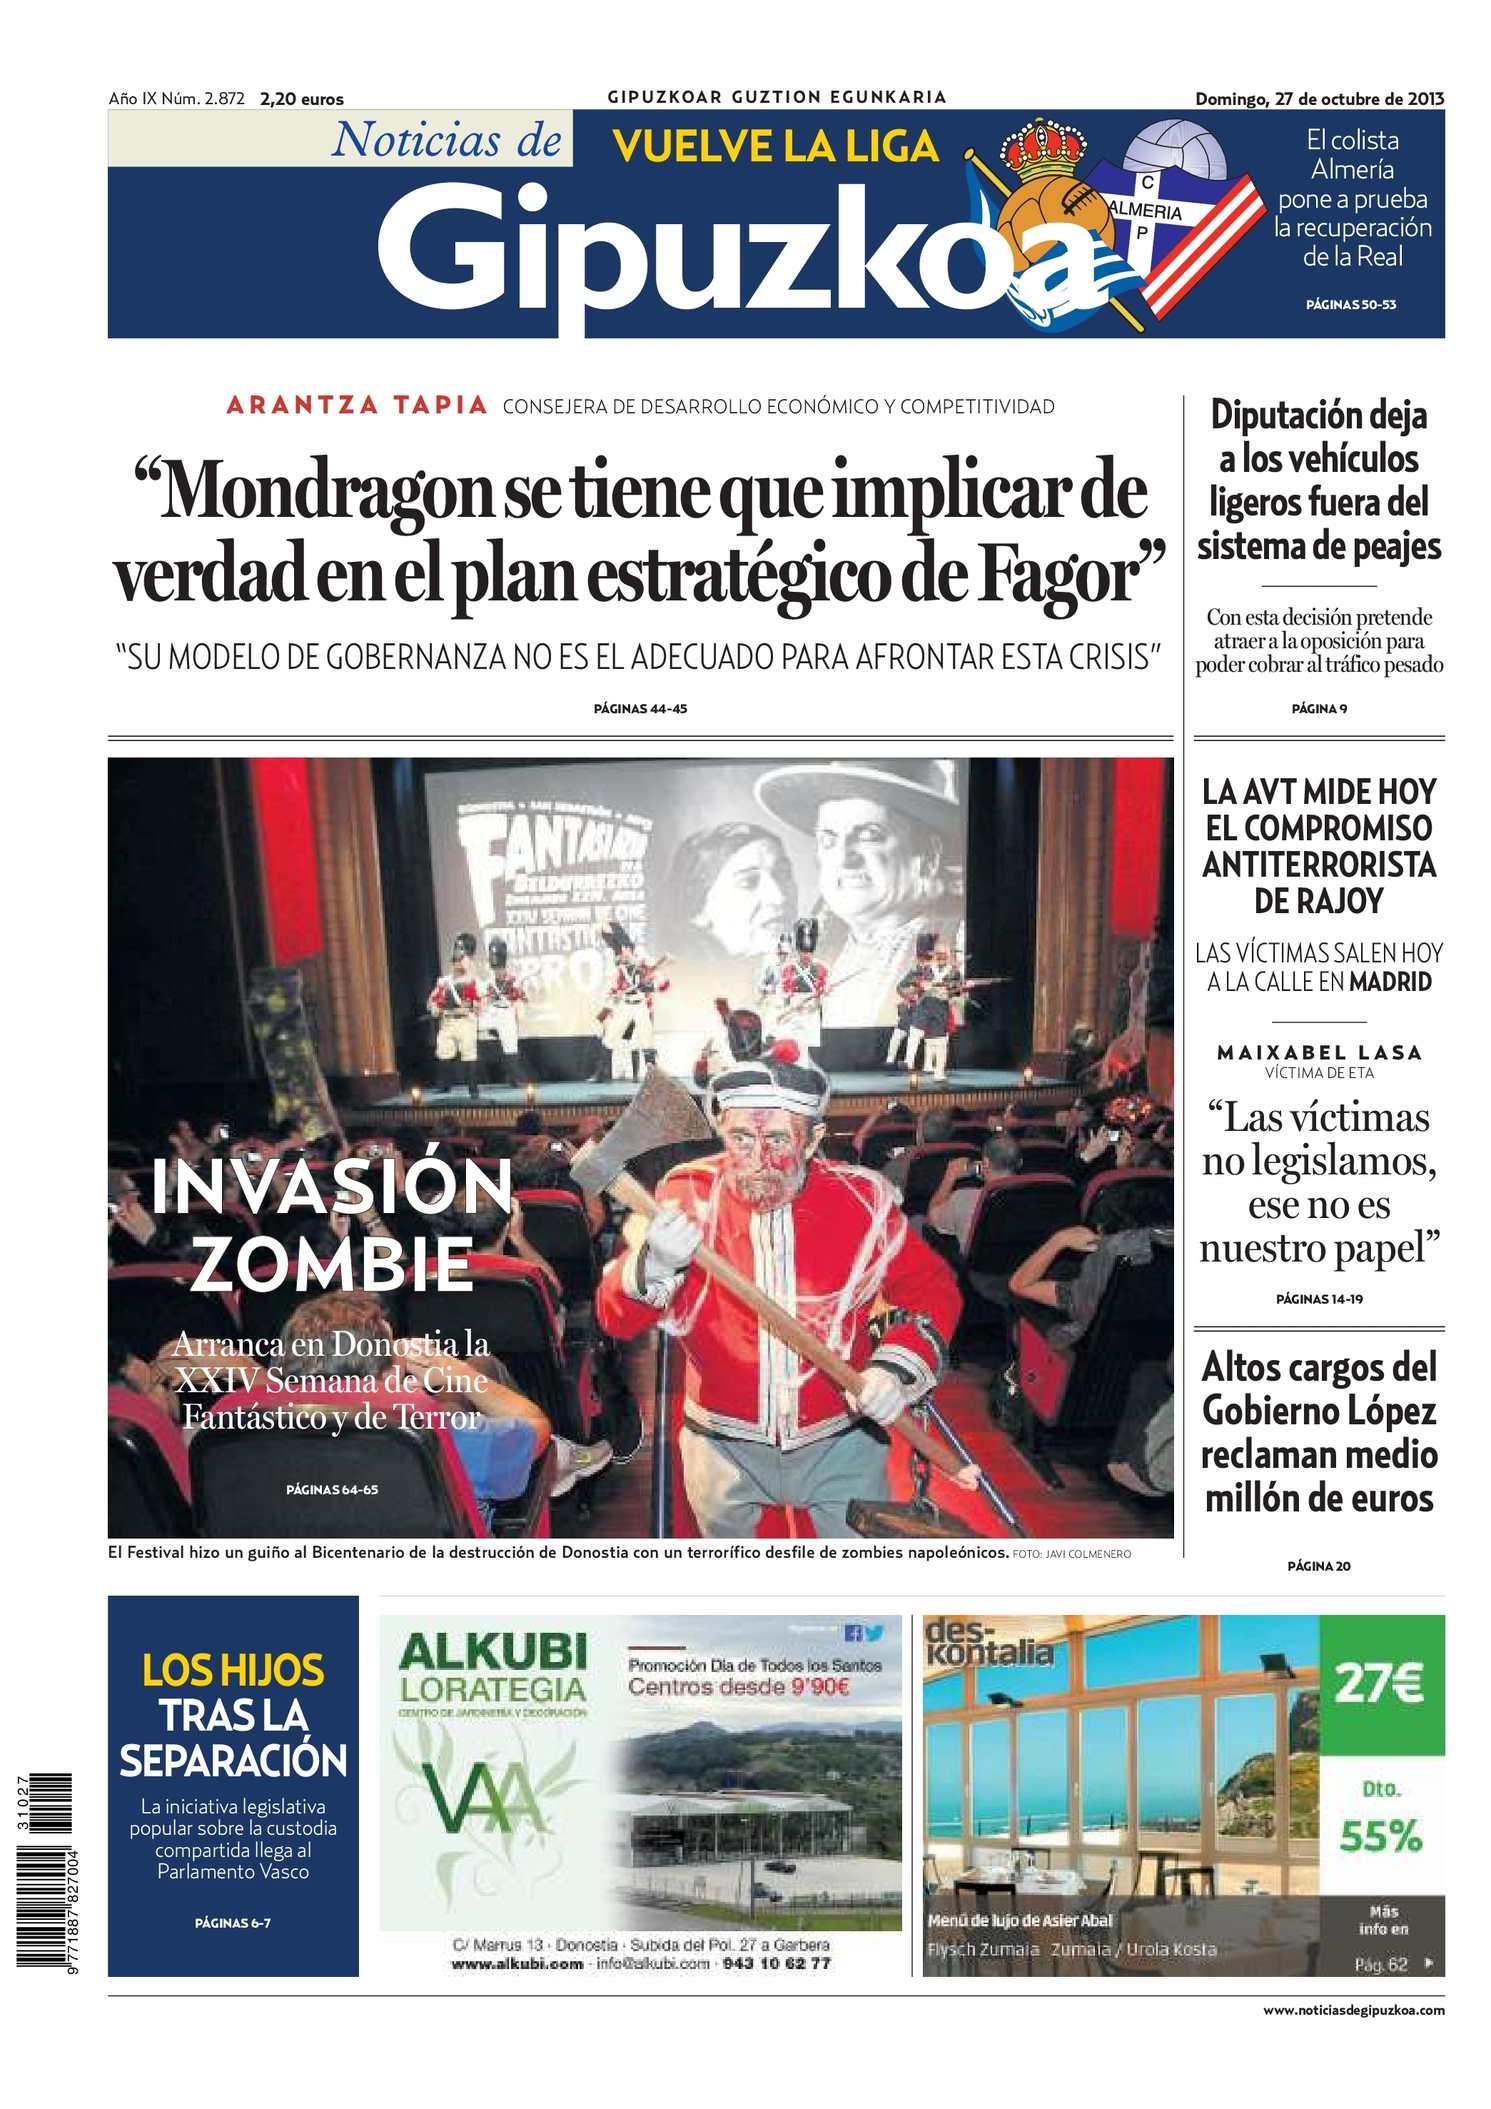 1e4074b818 Calaméo - Noticias de Gipuzkoa 20131027